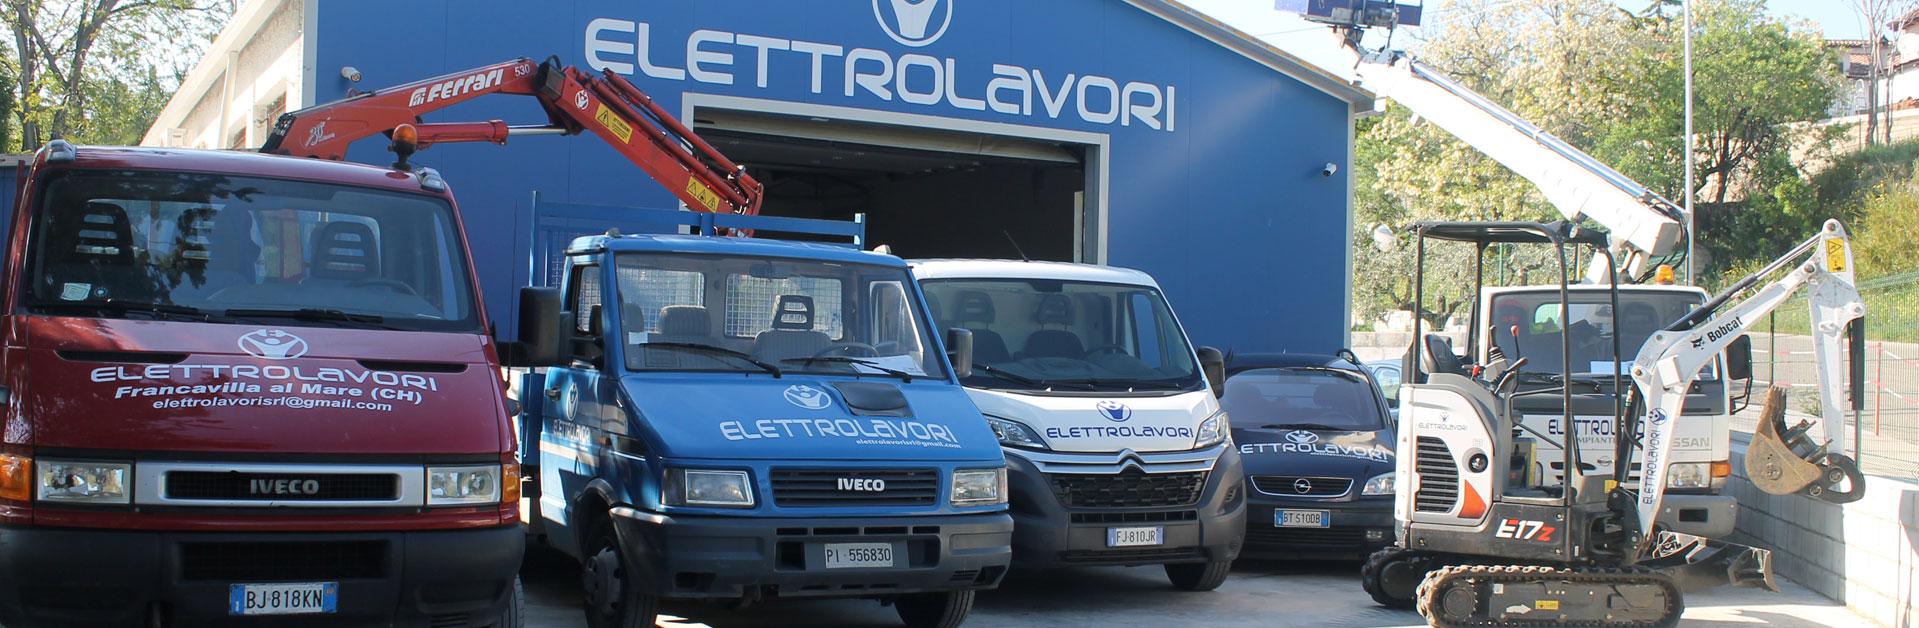 Impianti elettrici civili e industriali fotovoltaici Francavilla al Mare Chieti